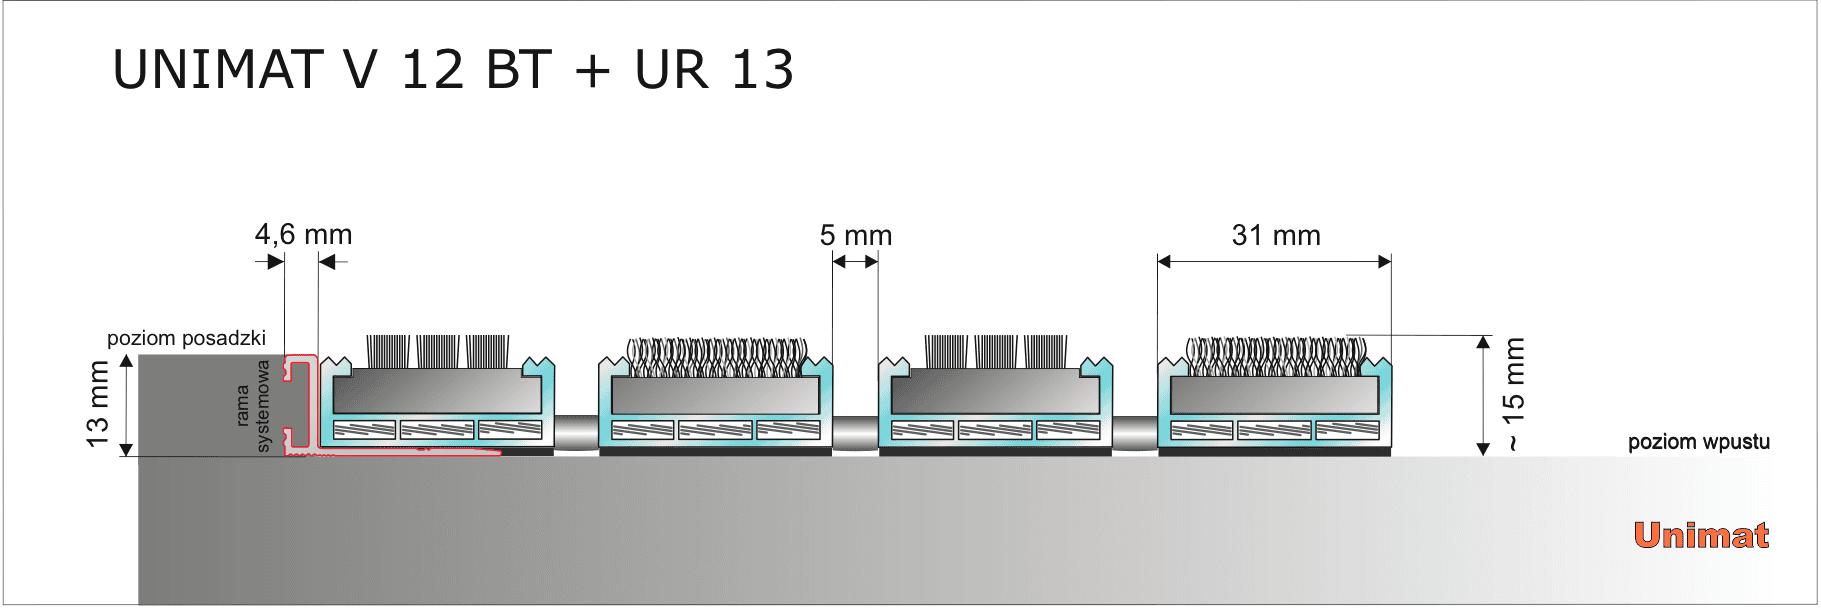 Unimat V 12 BT + UR 13.png